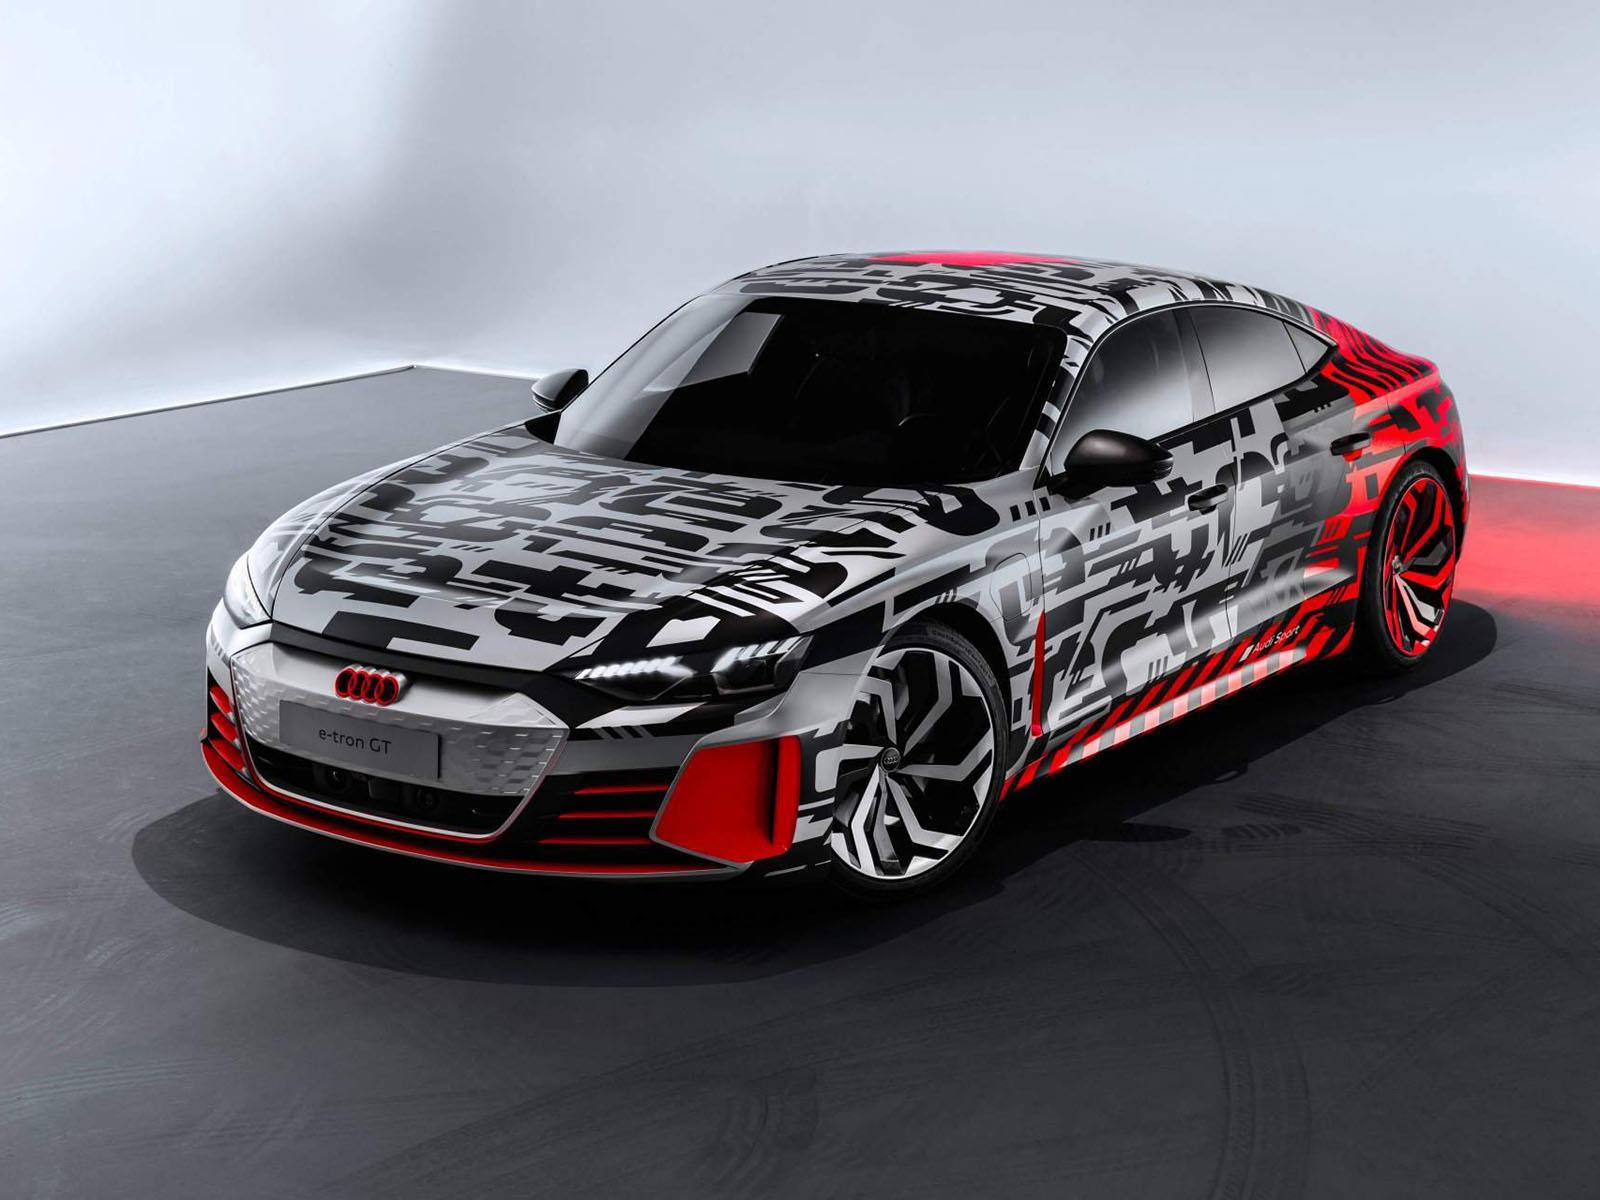 Audi E Tron Gt Concept Para Ponerse Las Pilas Autocosmoscom